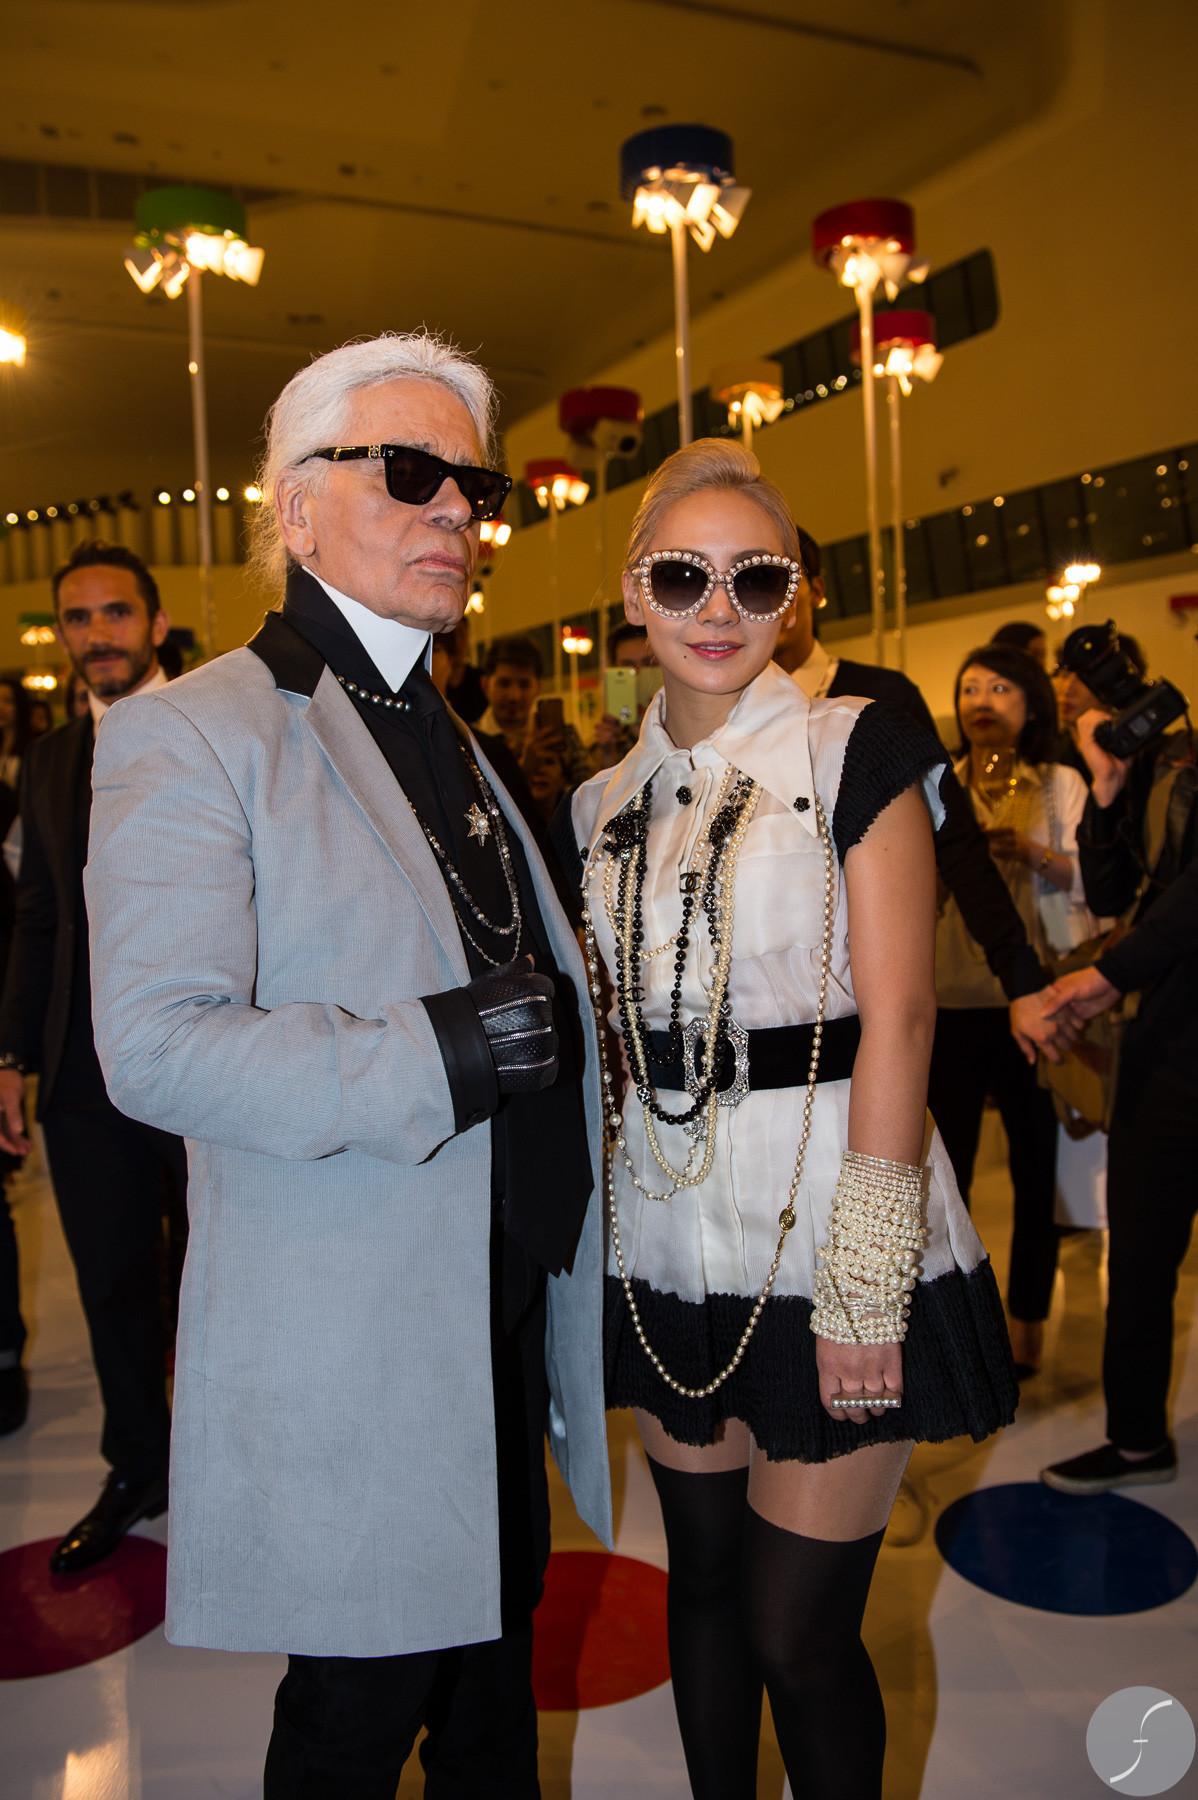 Những idol Kpop may mắn từng lọt vào mắt xanh của huyền thoại Karl Lagerfeld